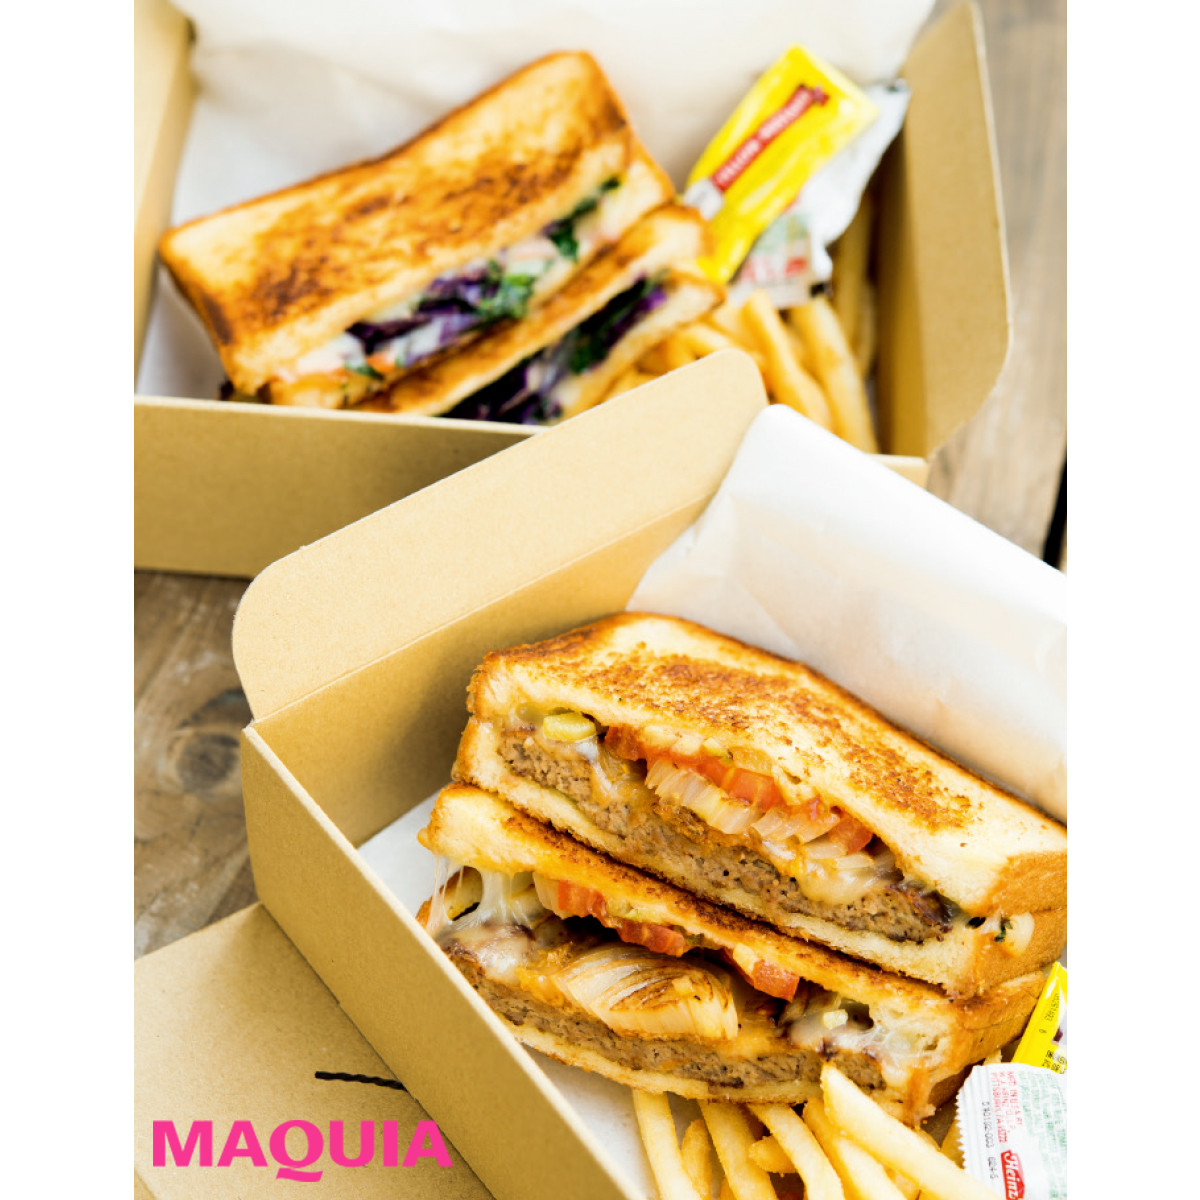 ランチにもおすすめ! チーズが主役の「メルトサンドイッチ」が楽しめるポタメルト